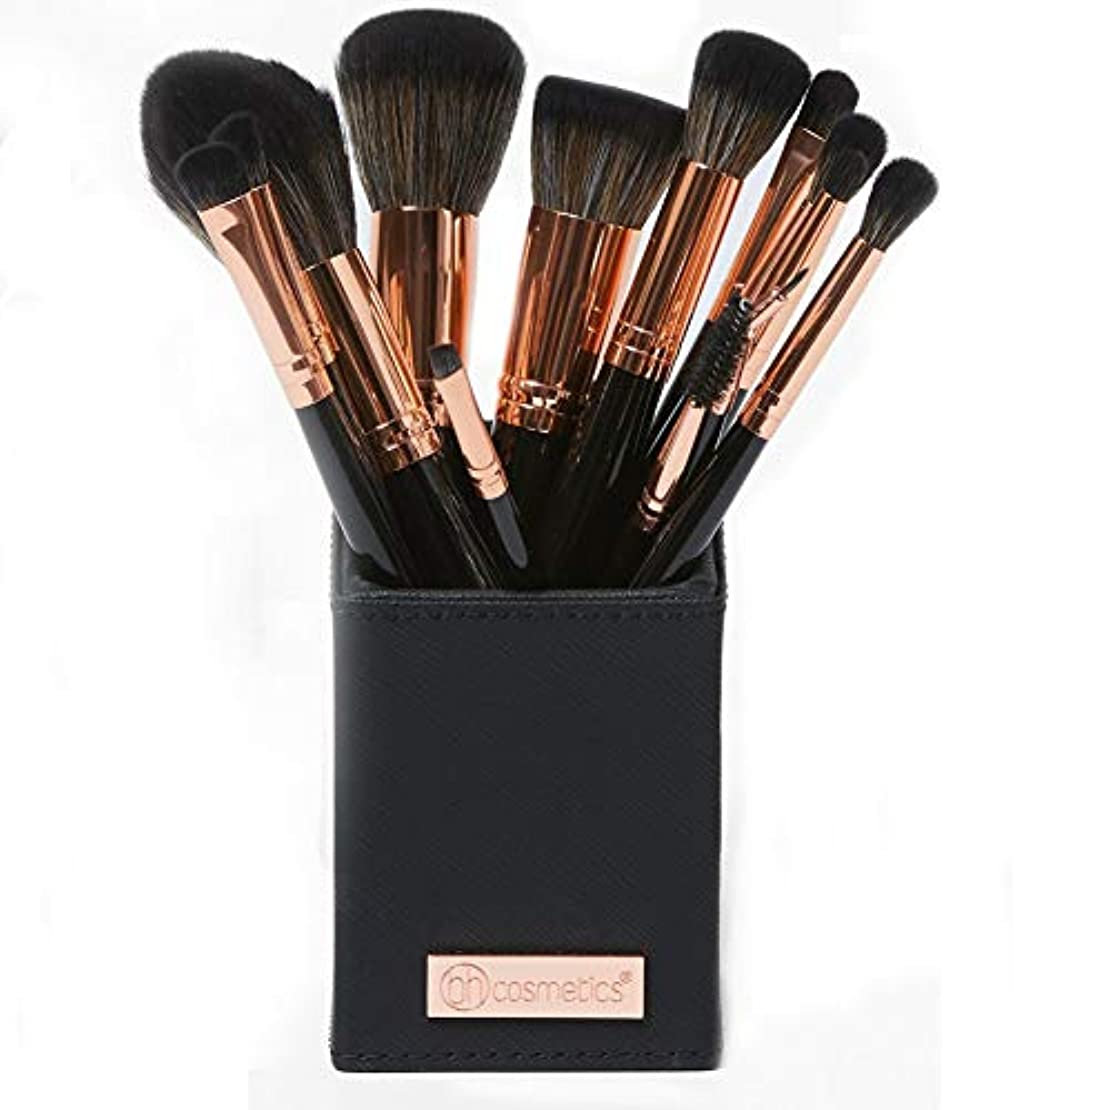 リフレッシュ抑制それらBH cosmetics メイクブラシ アイシャドウブラシ 化粧筆 貴族のゴールド メイクブラシセット13本セット 多機能メイクブラシケース付き収納便利